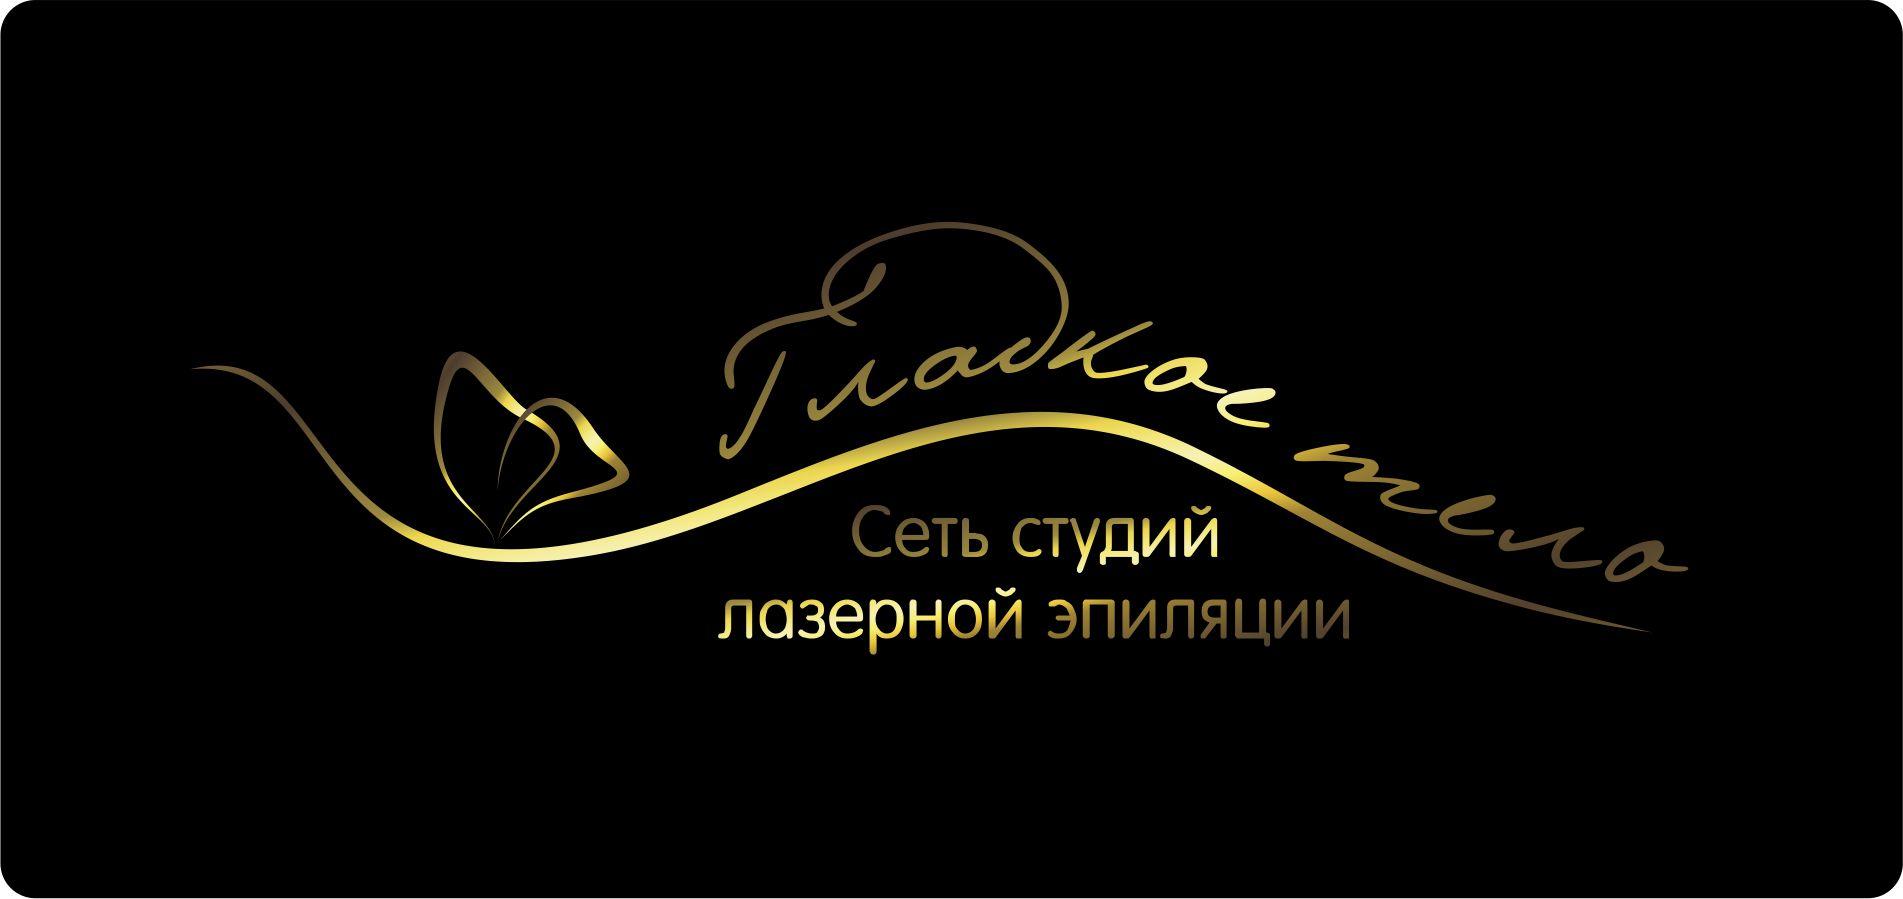 Логотип для сети студий лазерной эпиляции фото f_9875a50bd077c50f.jpg